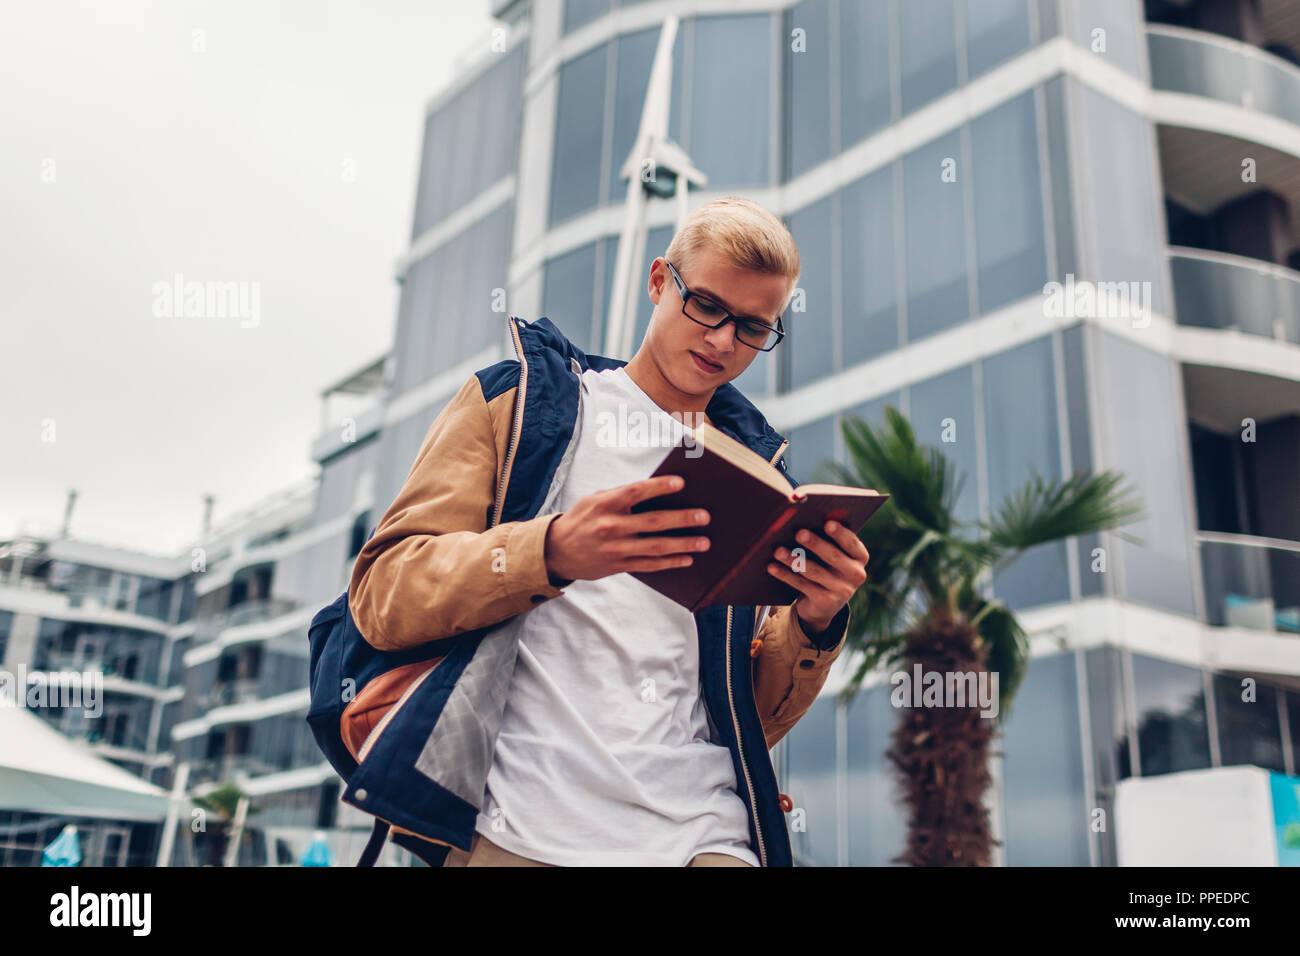 Estudiante universitario con mochila libro de lectura caminando por el moderno hotel de playa tropical. Joven estudiando afuera en otoño lluvioso día Imagen De Stock